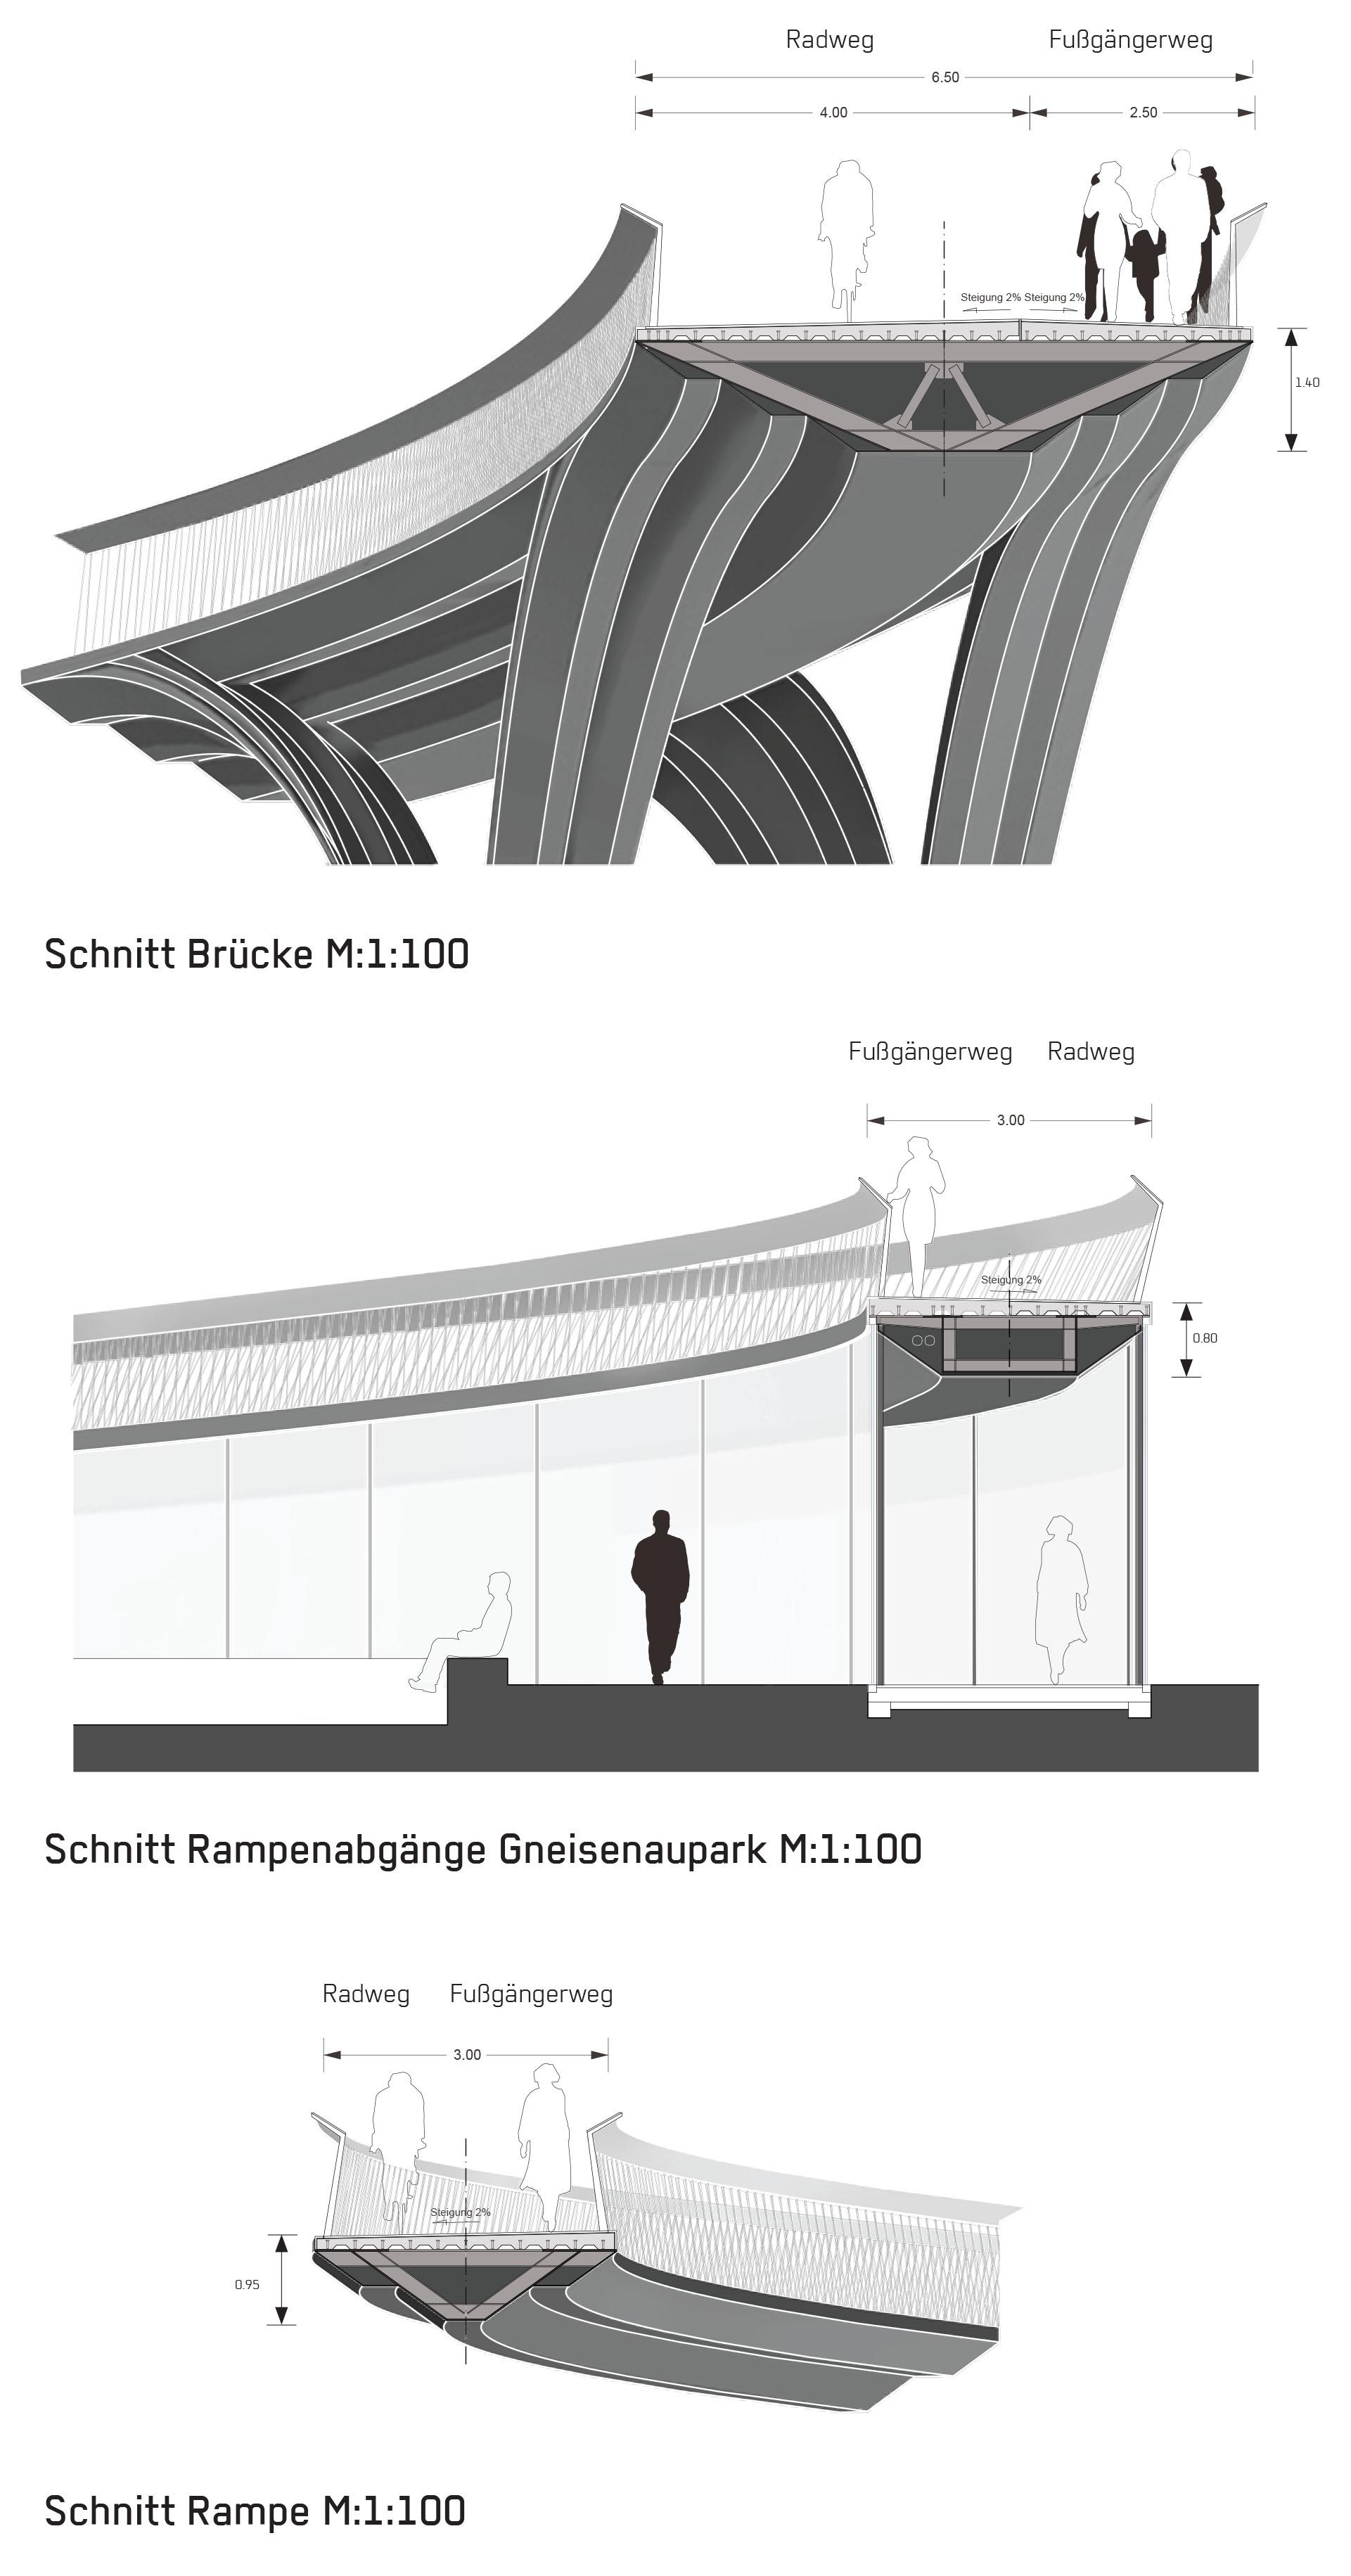 20190325_HEIDELBERG Schnitte.jpg